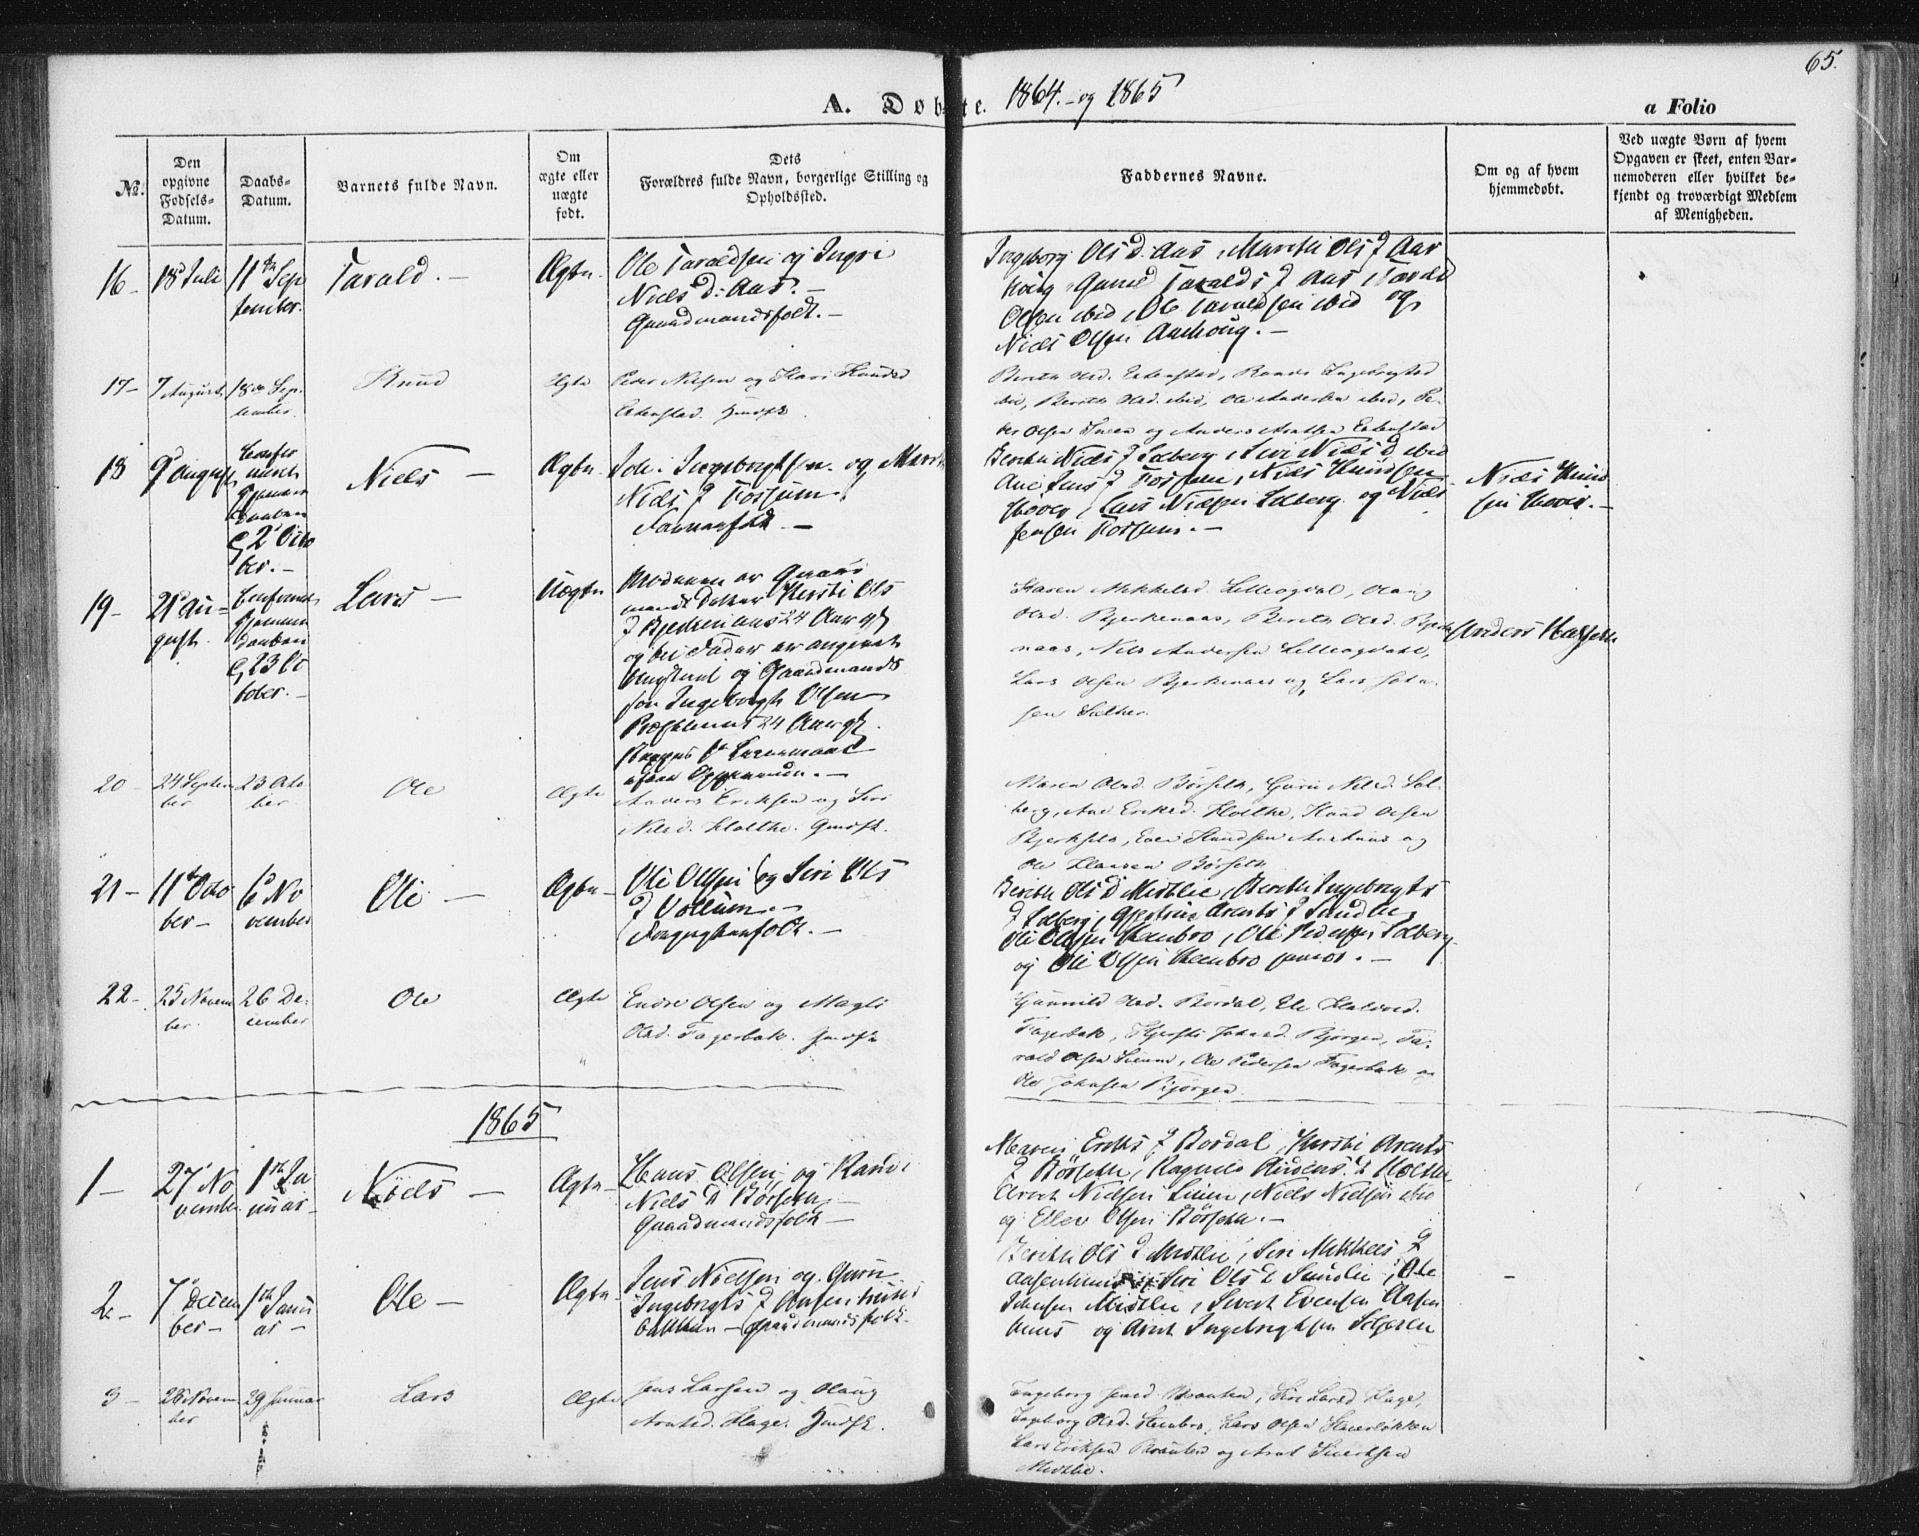 SAT, Ministerialprotokoller, klokkerbøker og fødselsregistre - Sør-Trøndelag, 689/L1038: Ministerialbok nr. 689A03, 1848-1872, s. 65